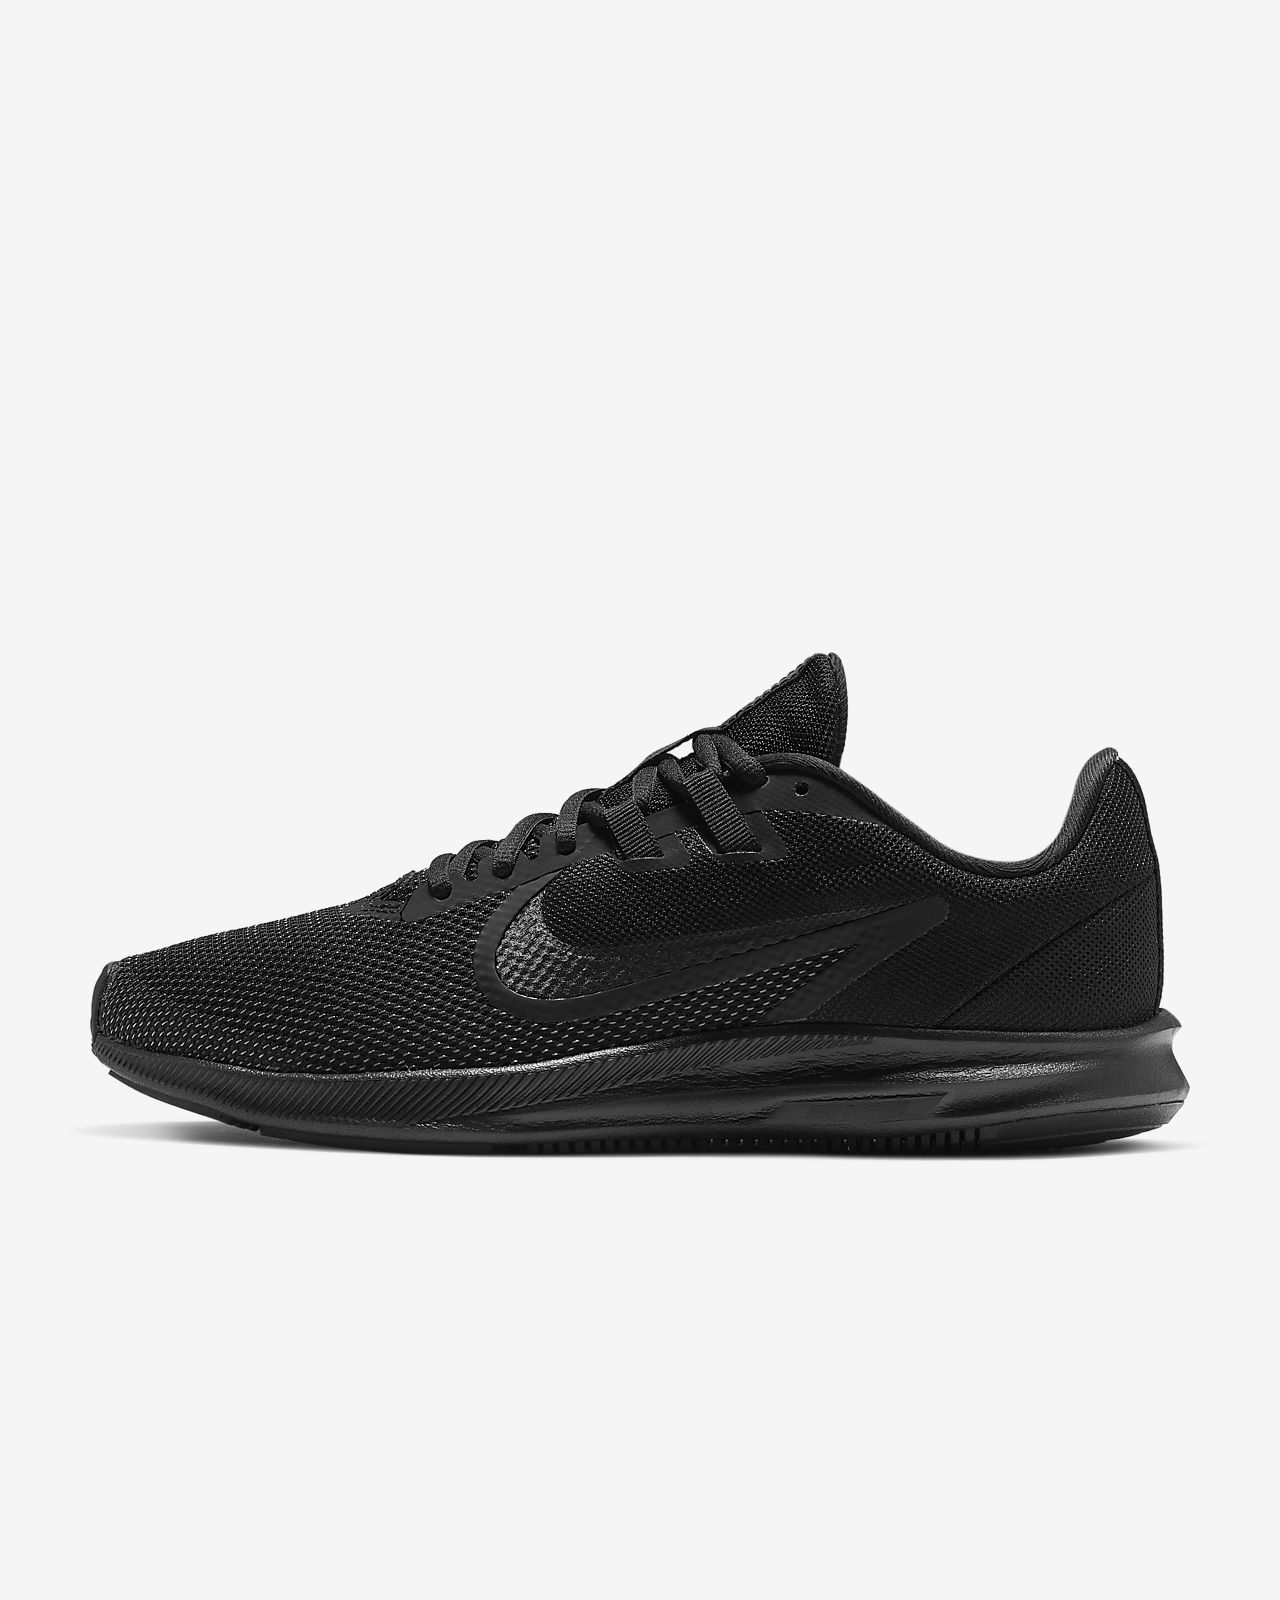 7baea23433406 Nike Downshifter 9 Women's Running Shoe. Nike.com IL